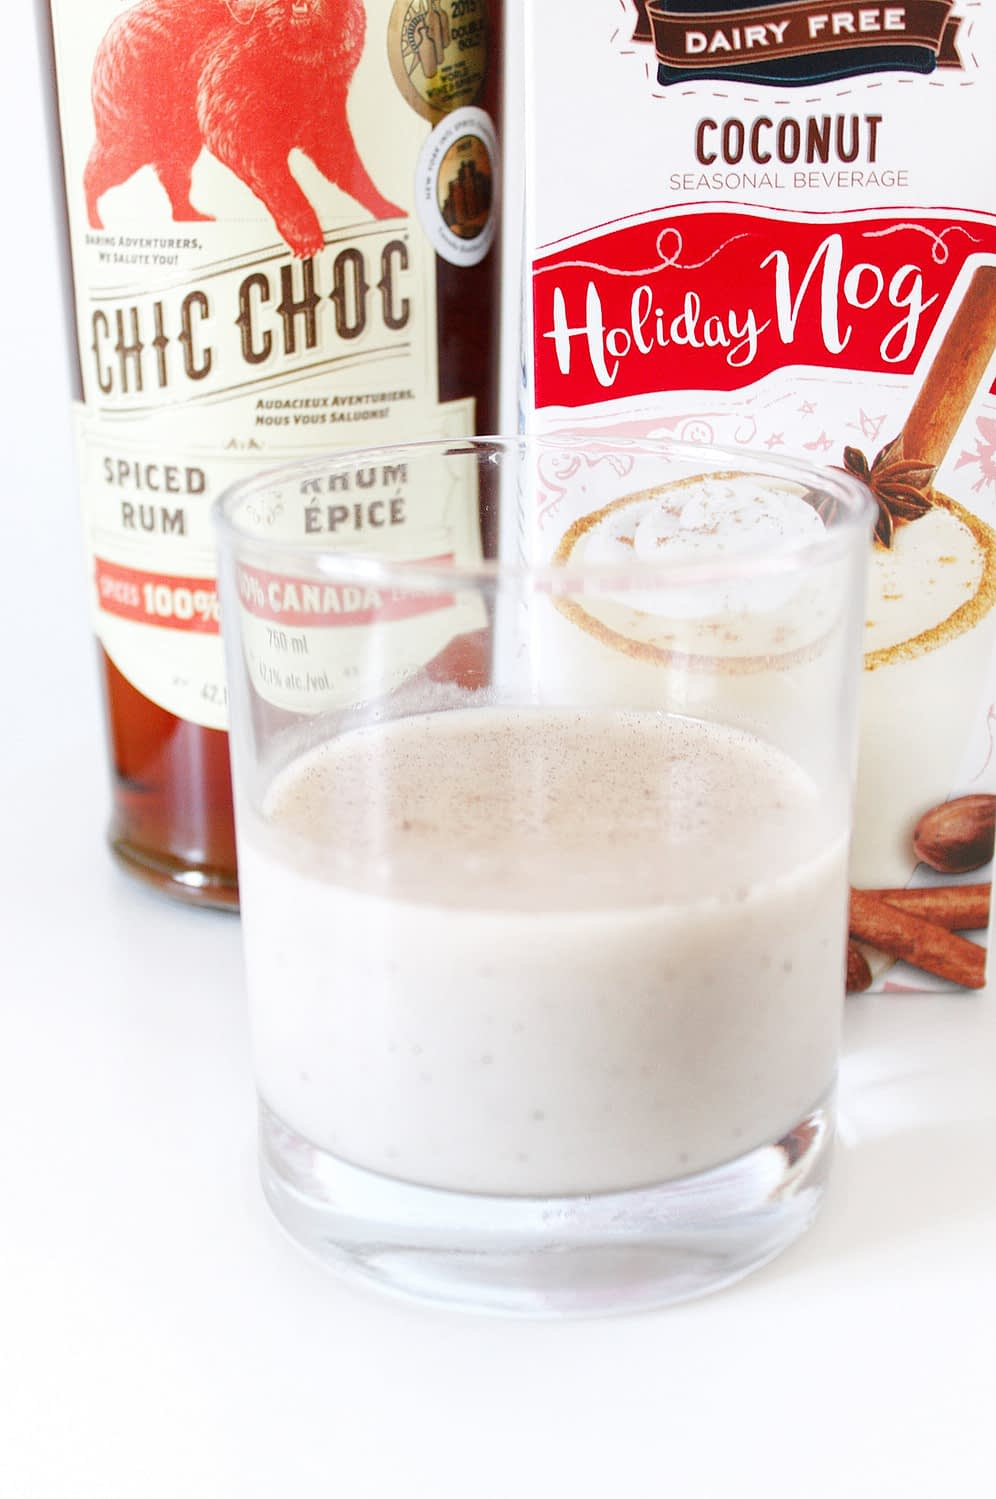 chic choc spiced rum egg nog